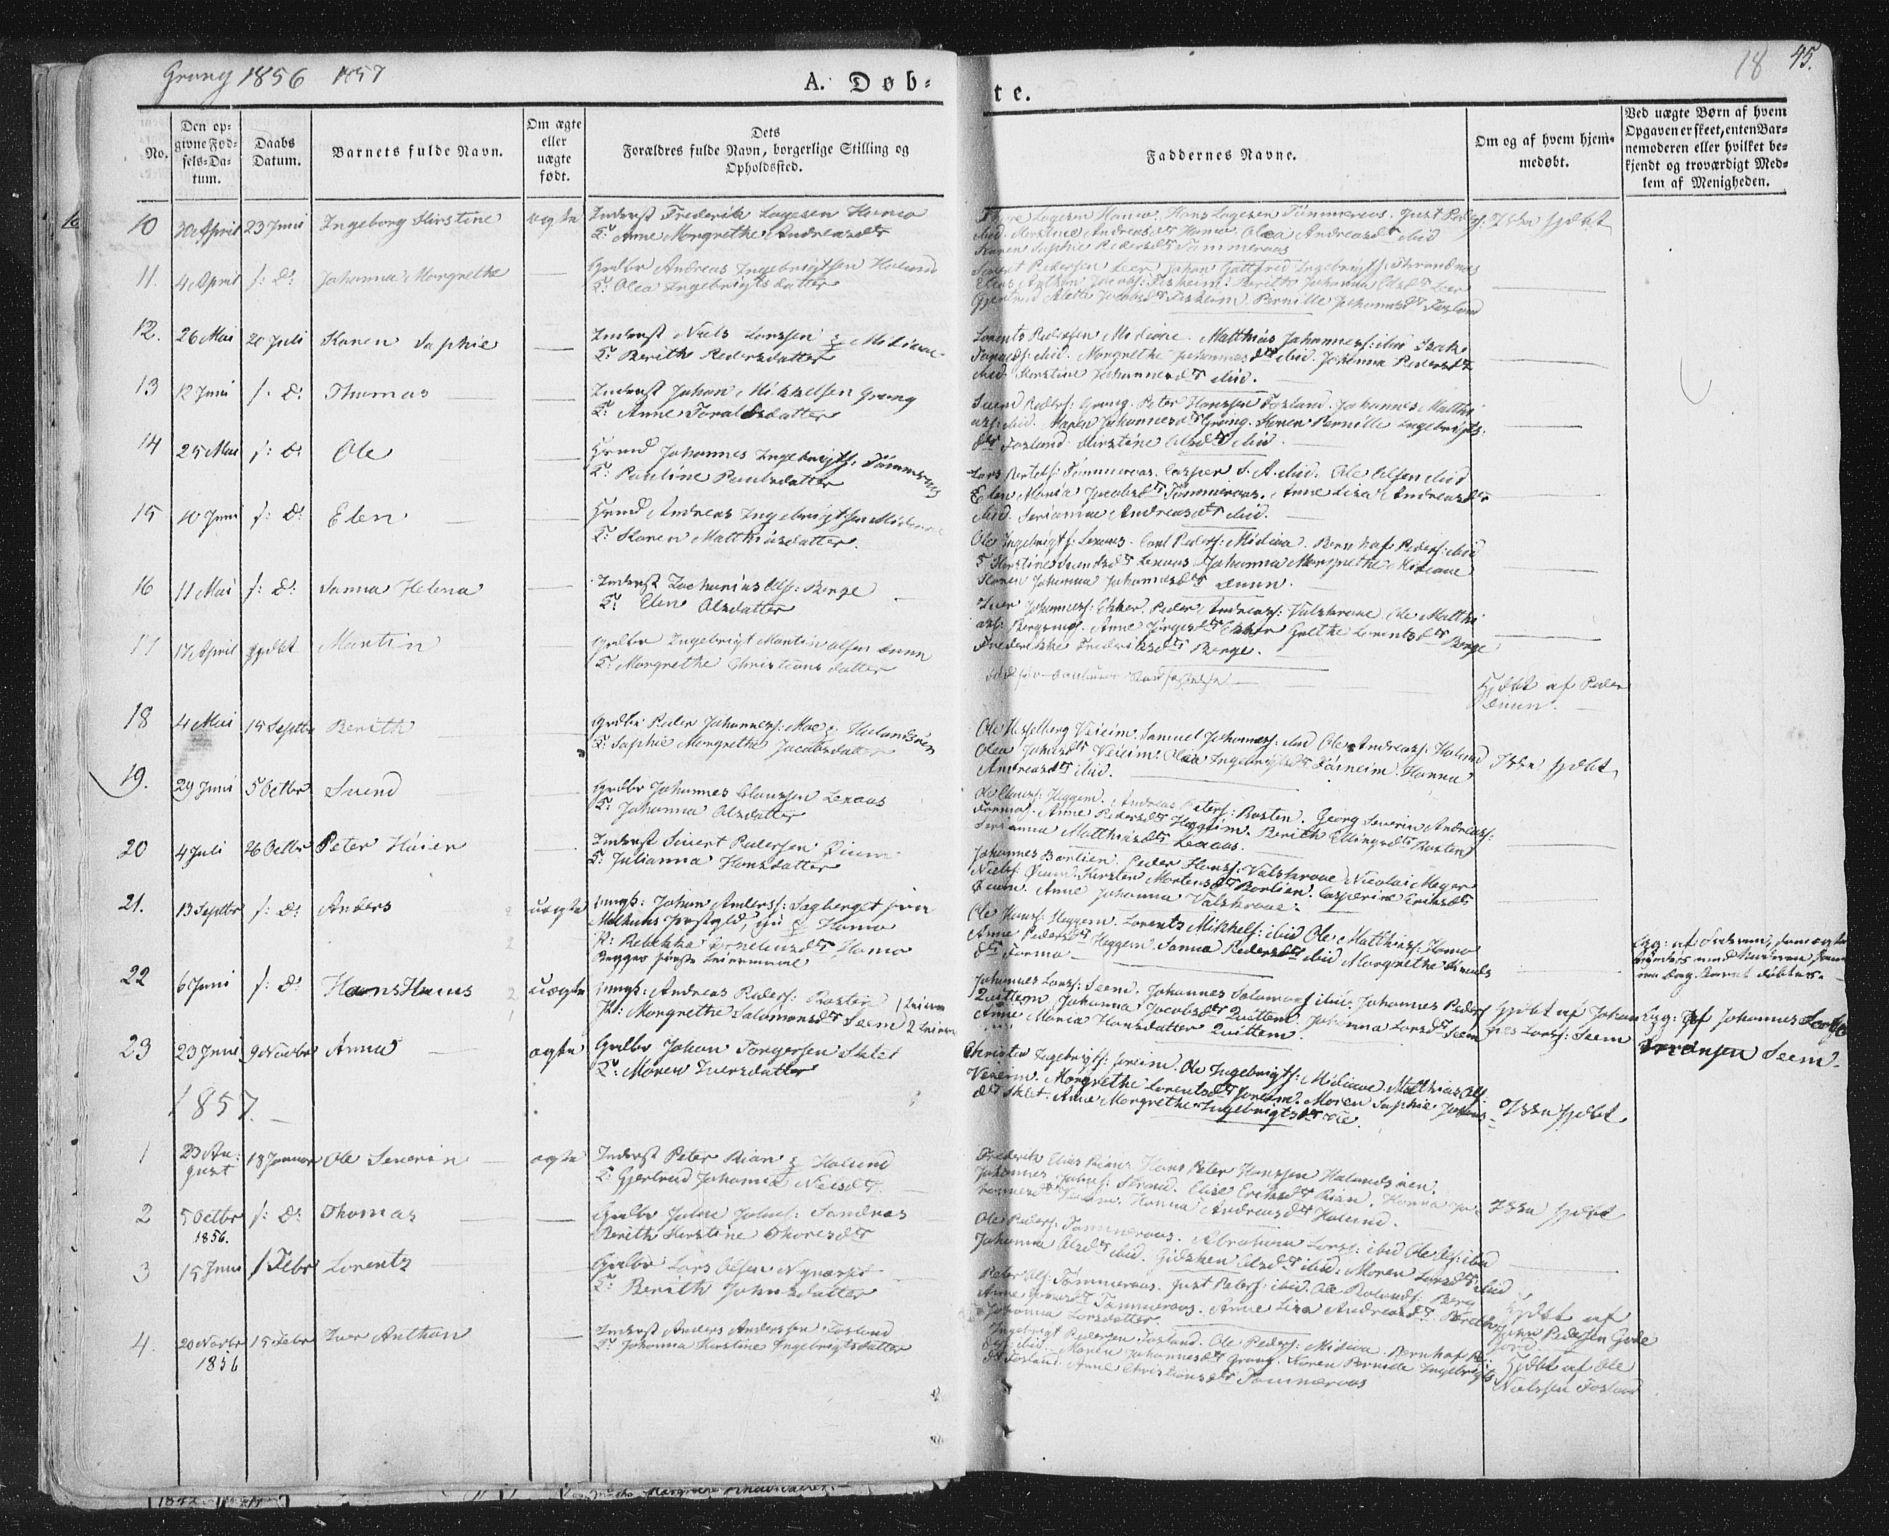 SAT, Ministerialprotokoller, klokkerbøker og fødselsregistre - Nord-Trøndelag, 758/L0513: Ministerialbok nr. 758A02 /1, 1839-1868, s. 18